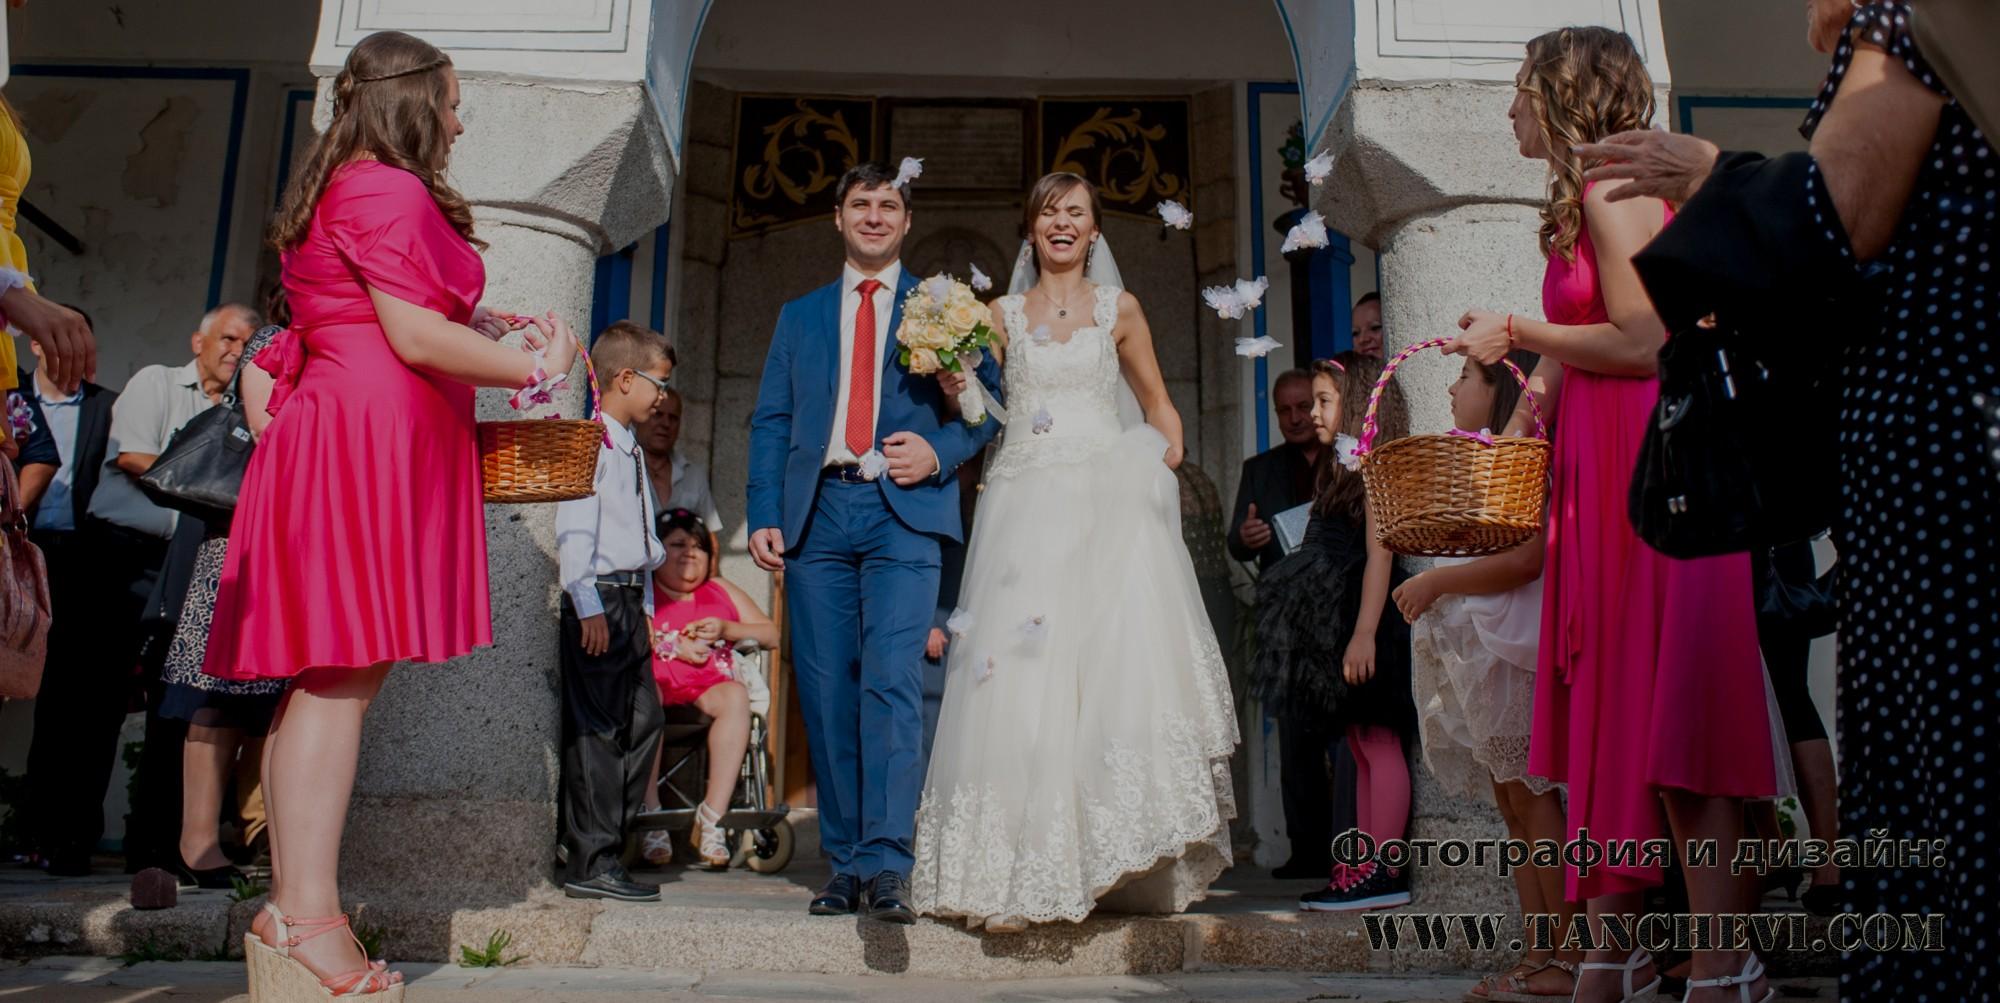 Сватбена фотокнига, сватбен фотограф, Пловдив, Панагюрище 2016-3-16